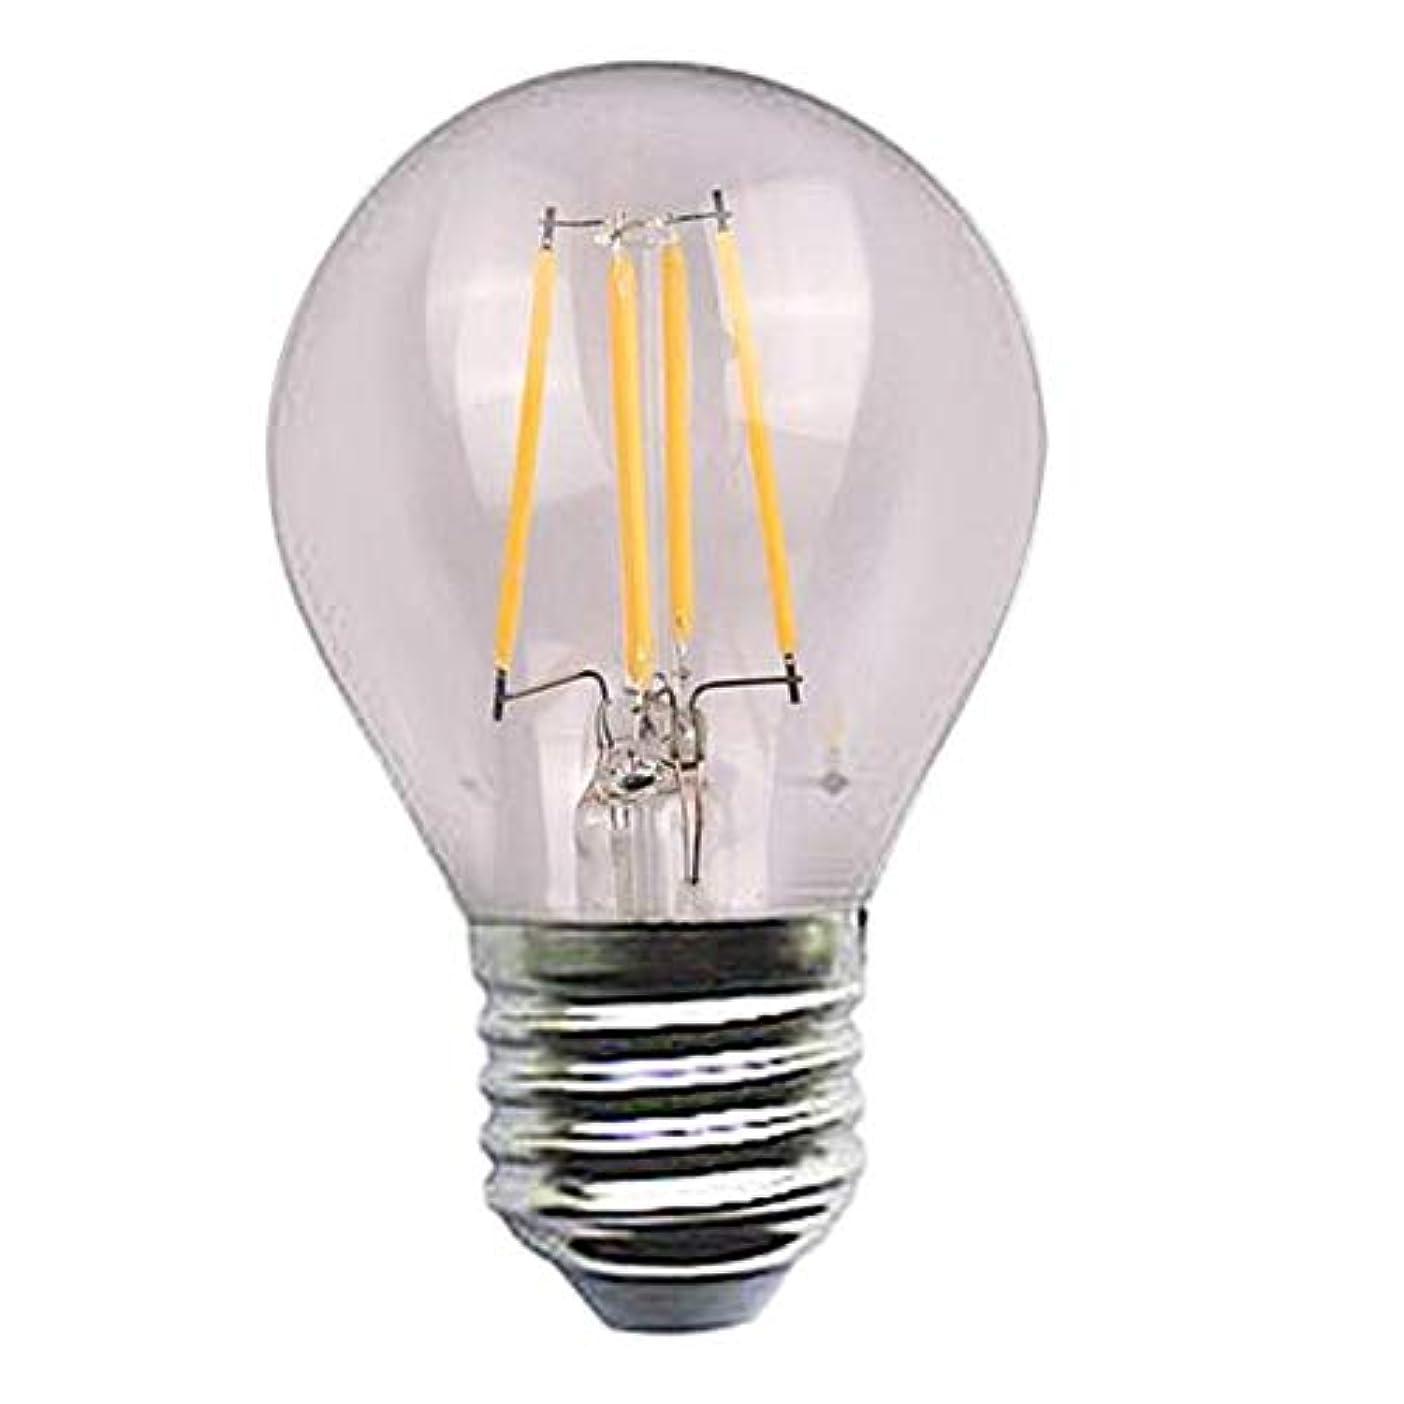 アーサー原理乳白色エジソンはフィラメントシリーズ球根4w 110-220vの銀ランプの頭部を導きました